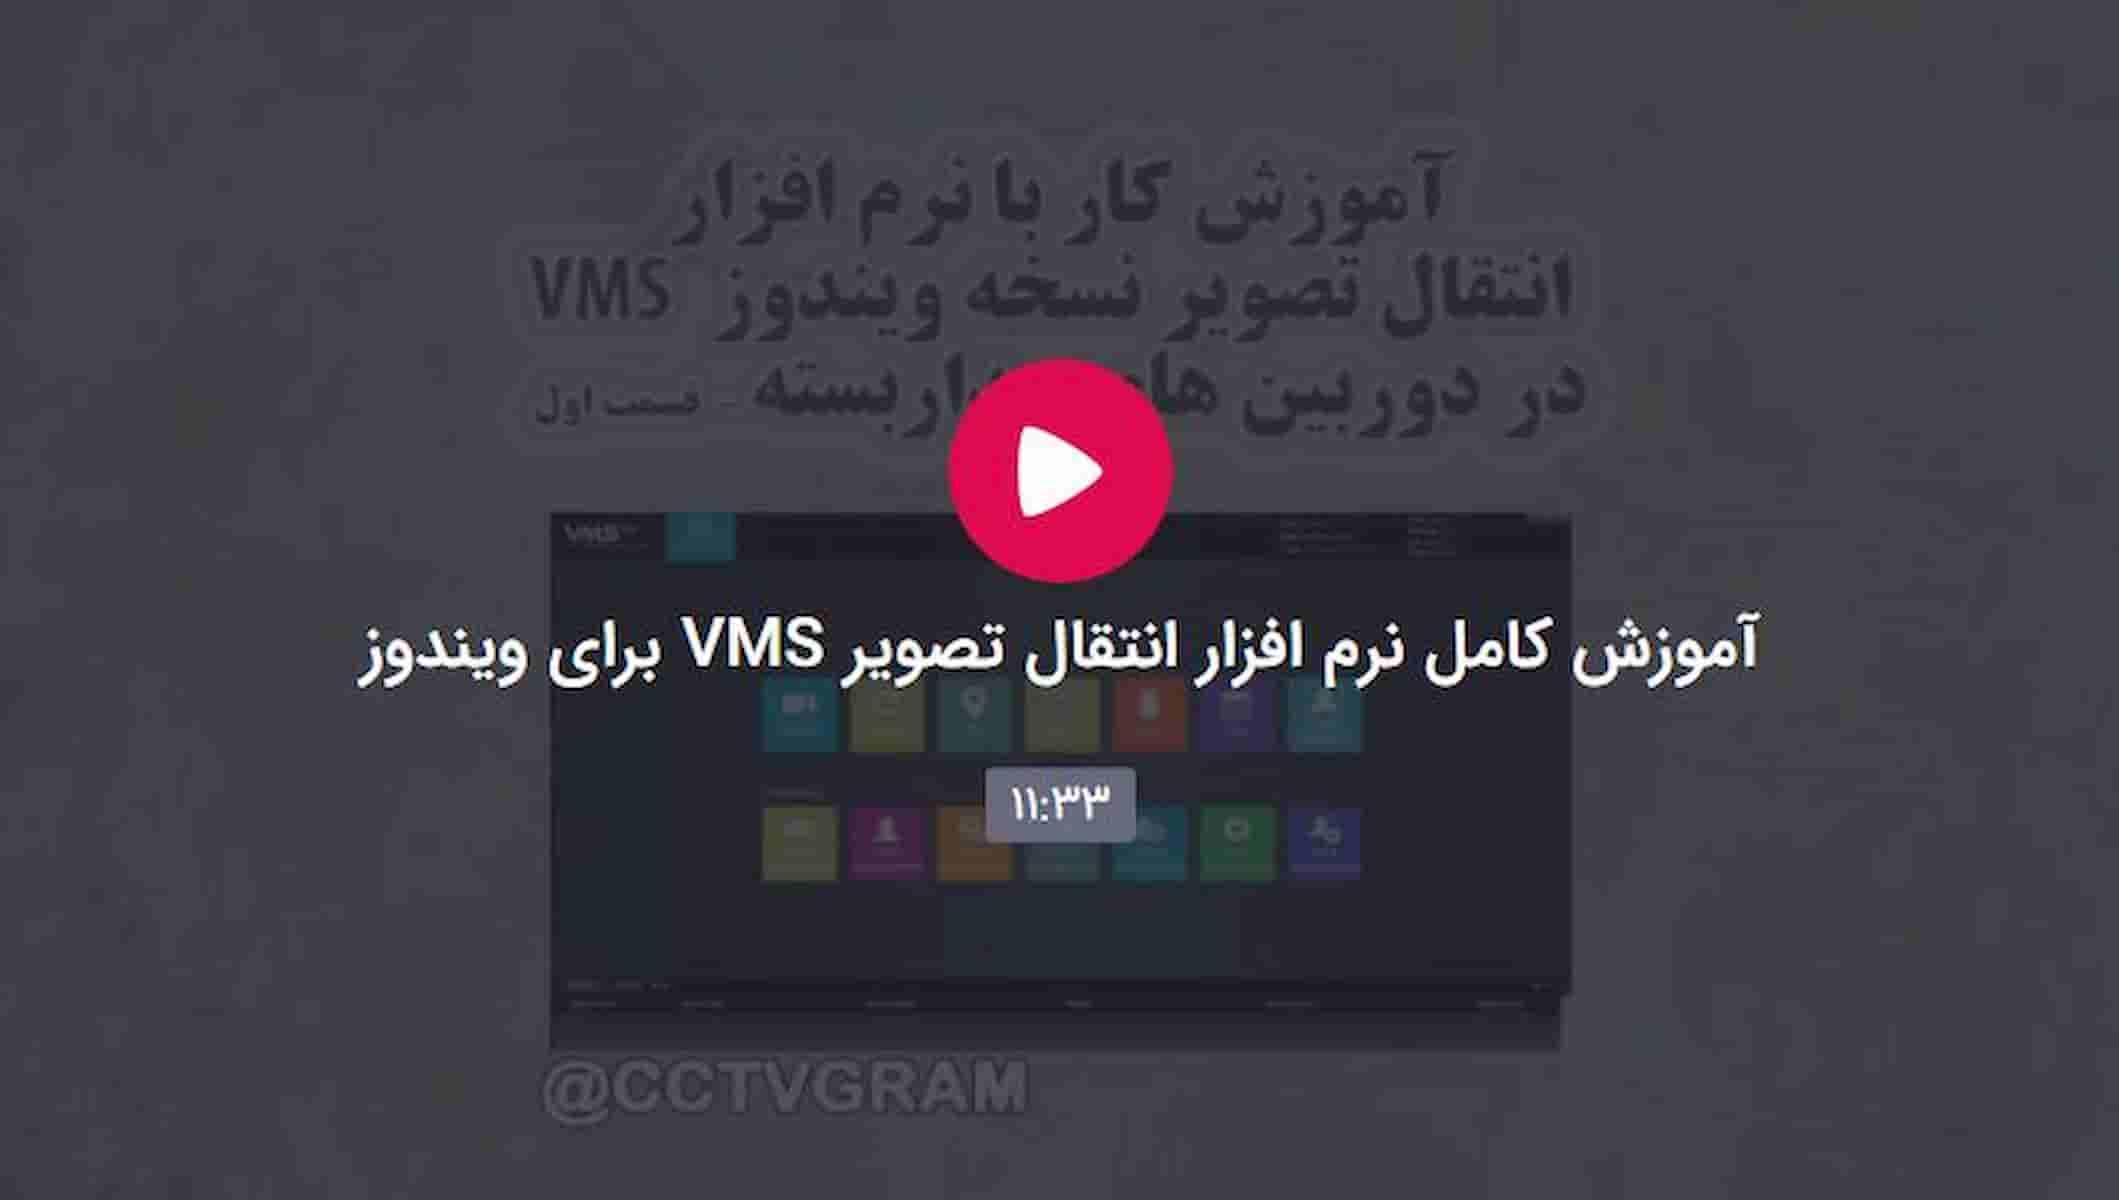 آموزش کامل نرم افزار انتقال تصویر VMS برای ویندوز